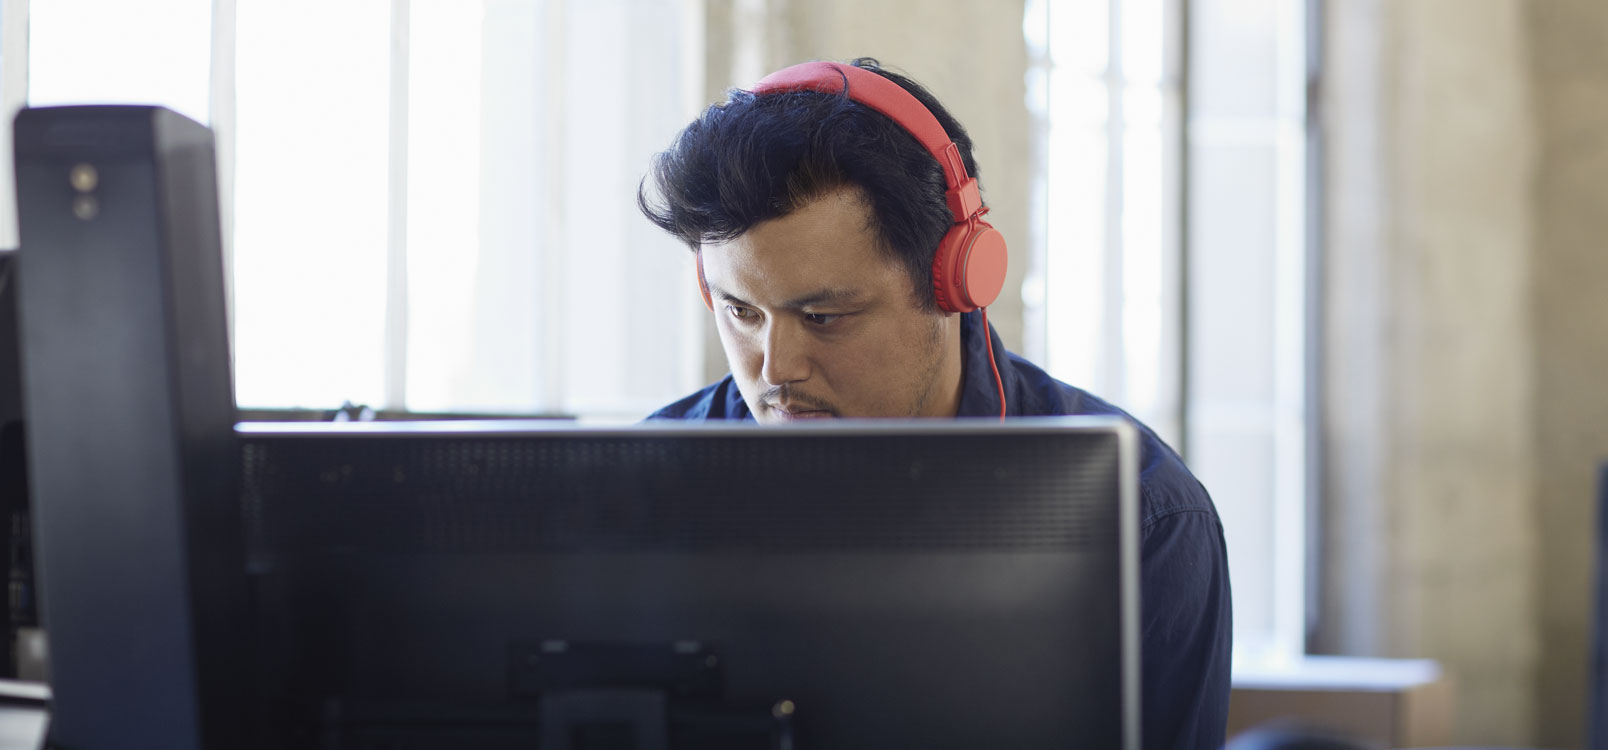 Мужчина в наушниках работает в Office365 на настольном компьютере.